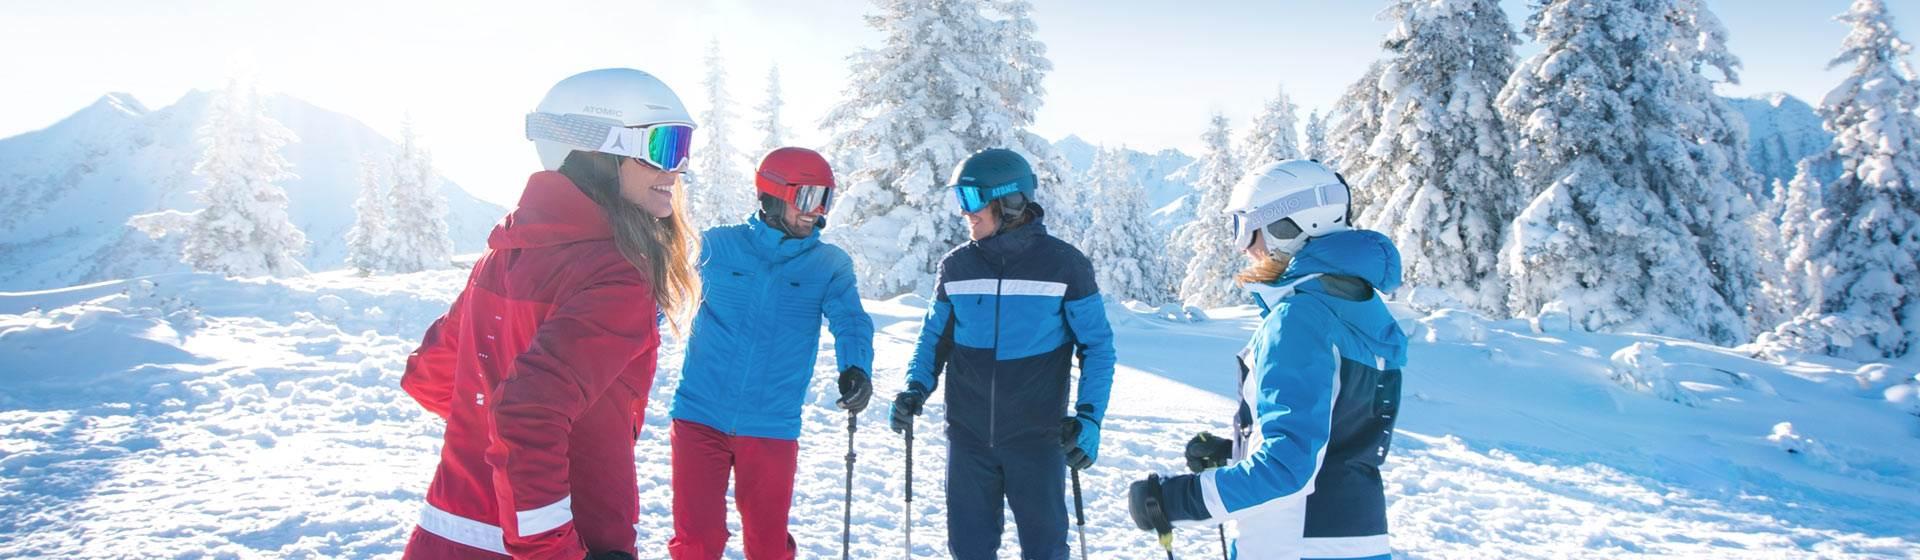 Freunde in Skiausrüstung stehen auf Skipiste